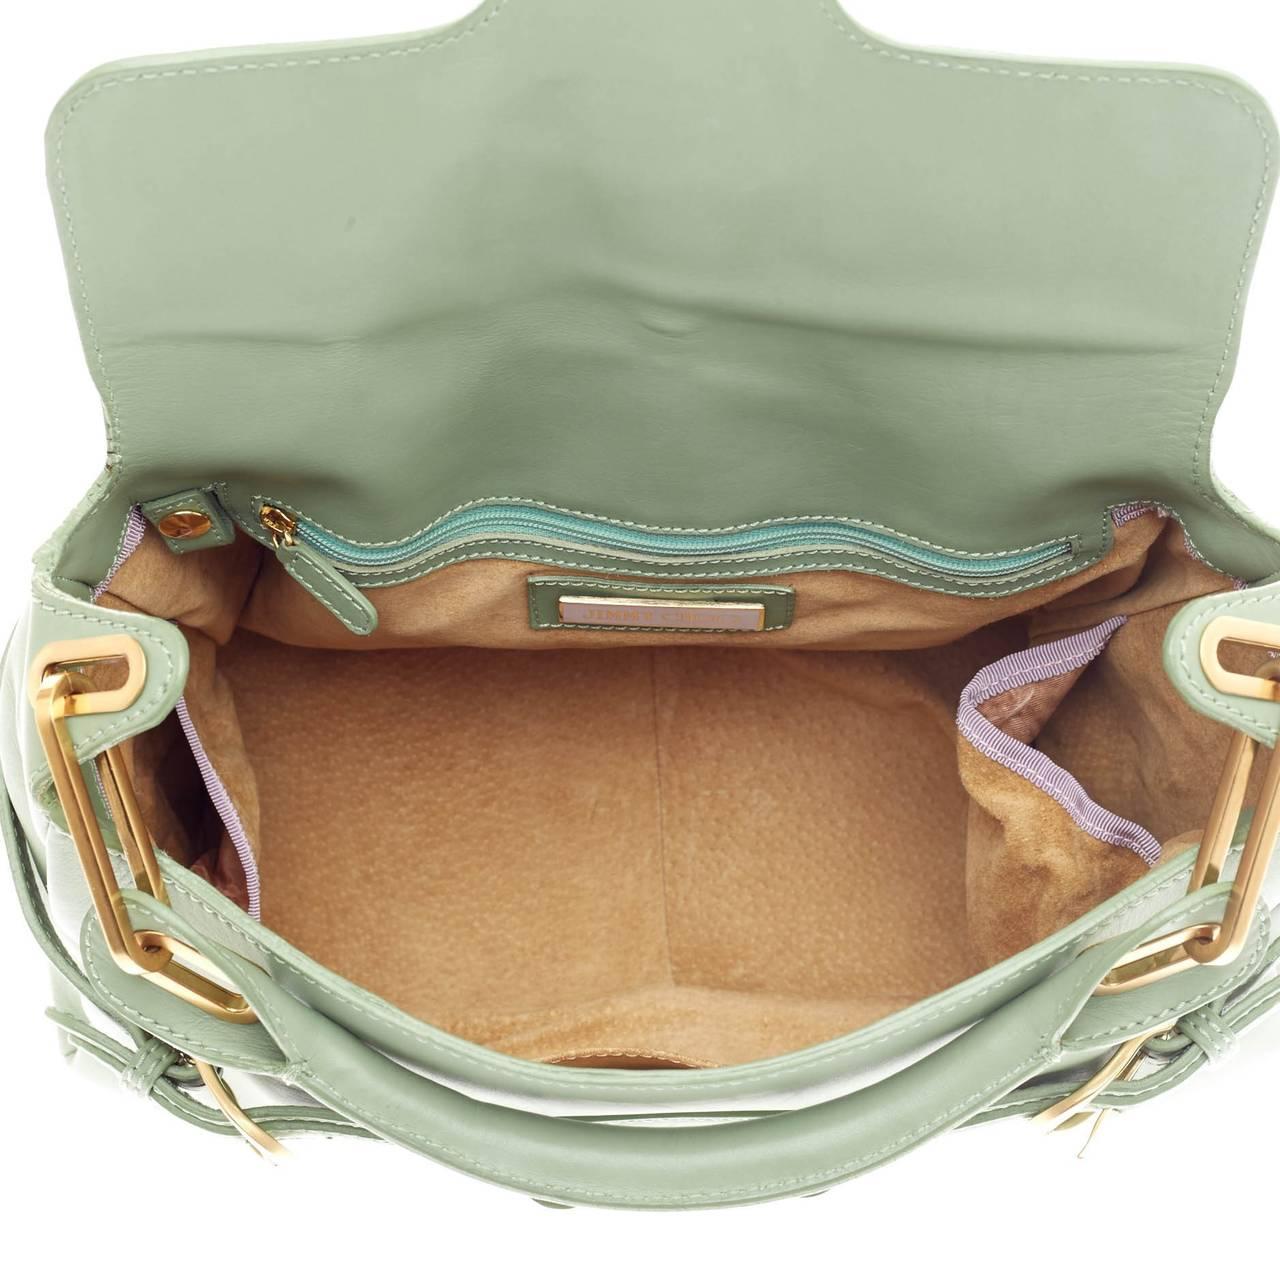 Jimmy Choo Tulita Shoulder Bag Leather at 1stdibs